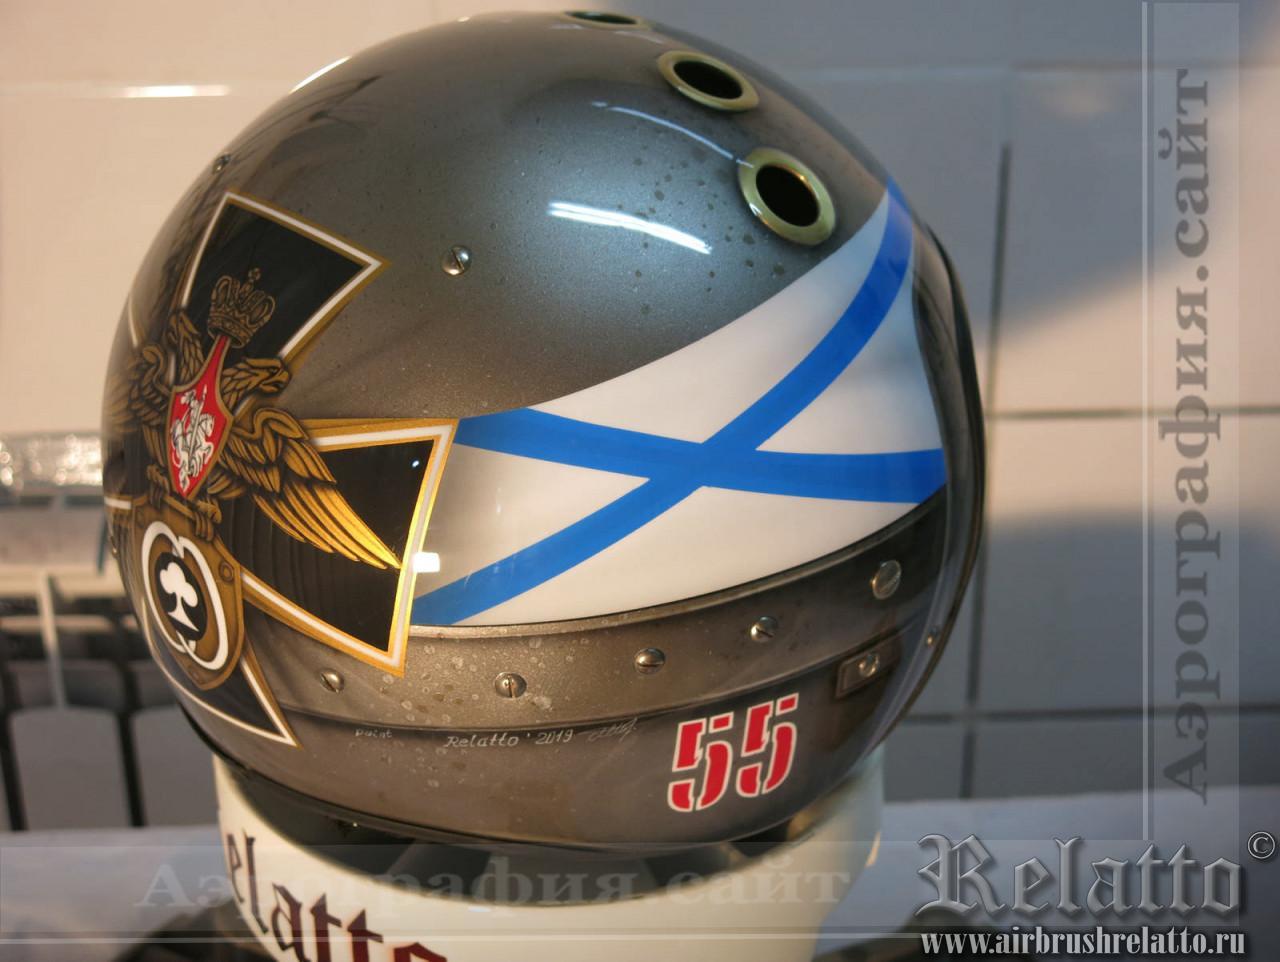 летный шлем с эмблемой ГРУ в Краснодаре